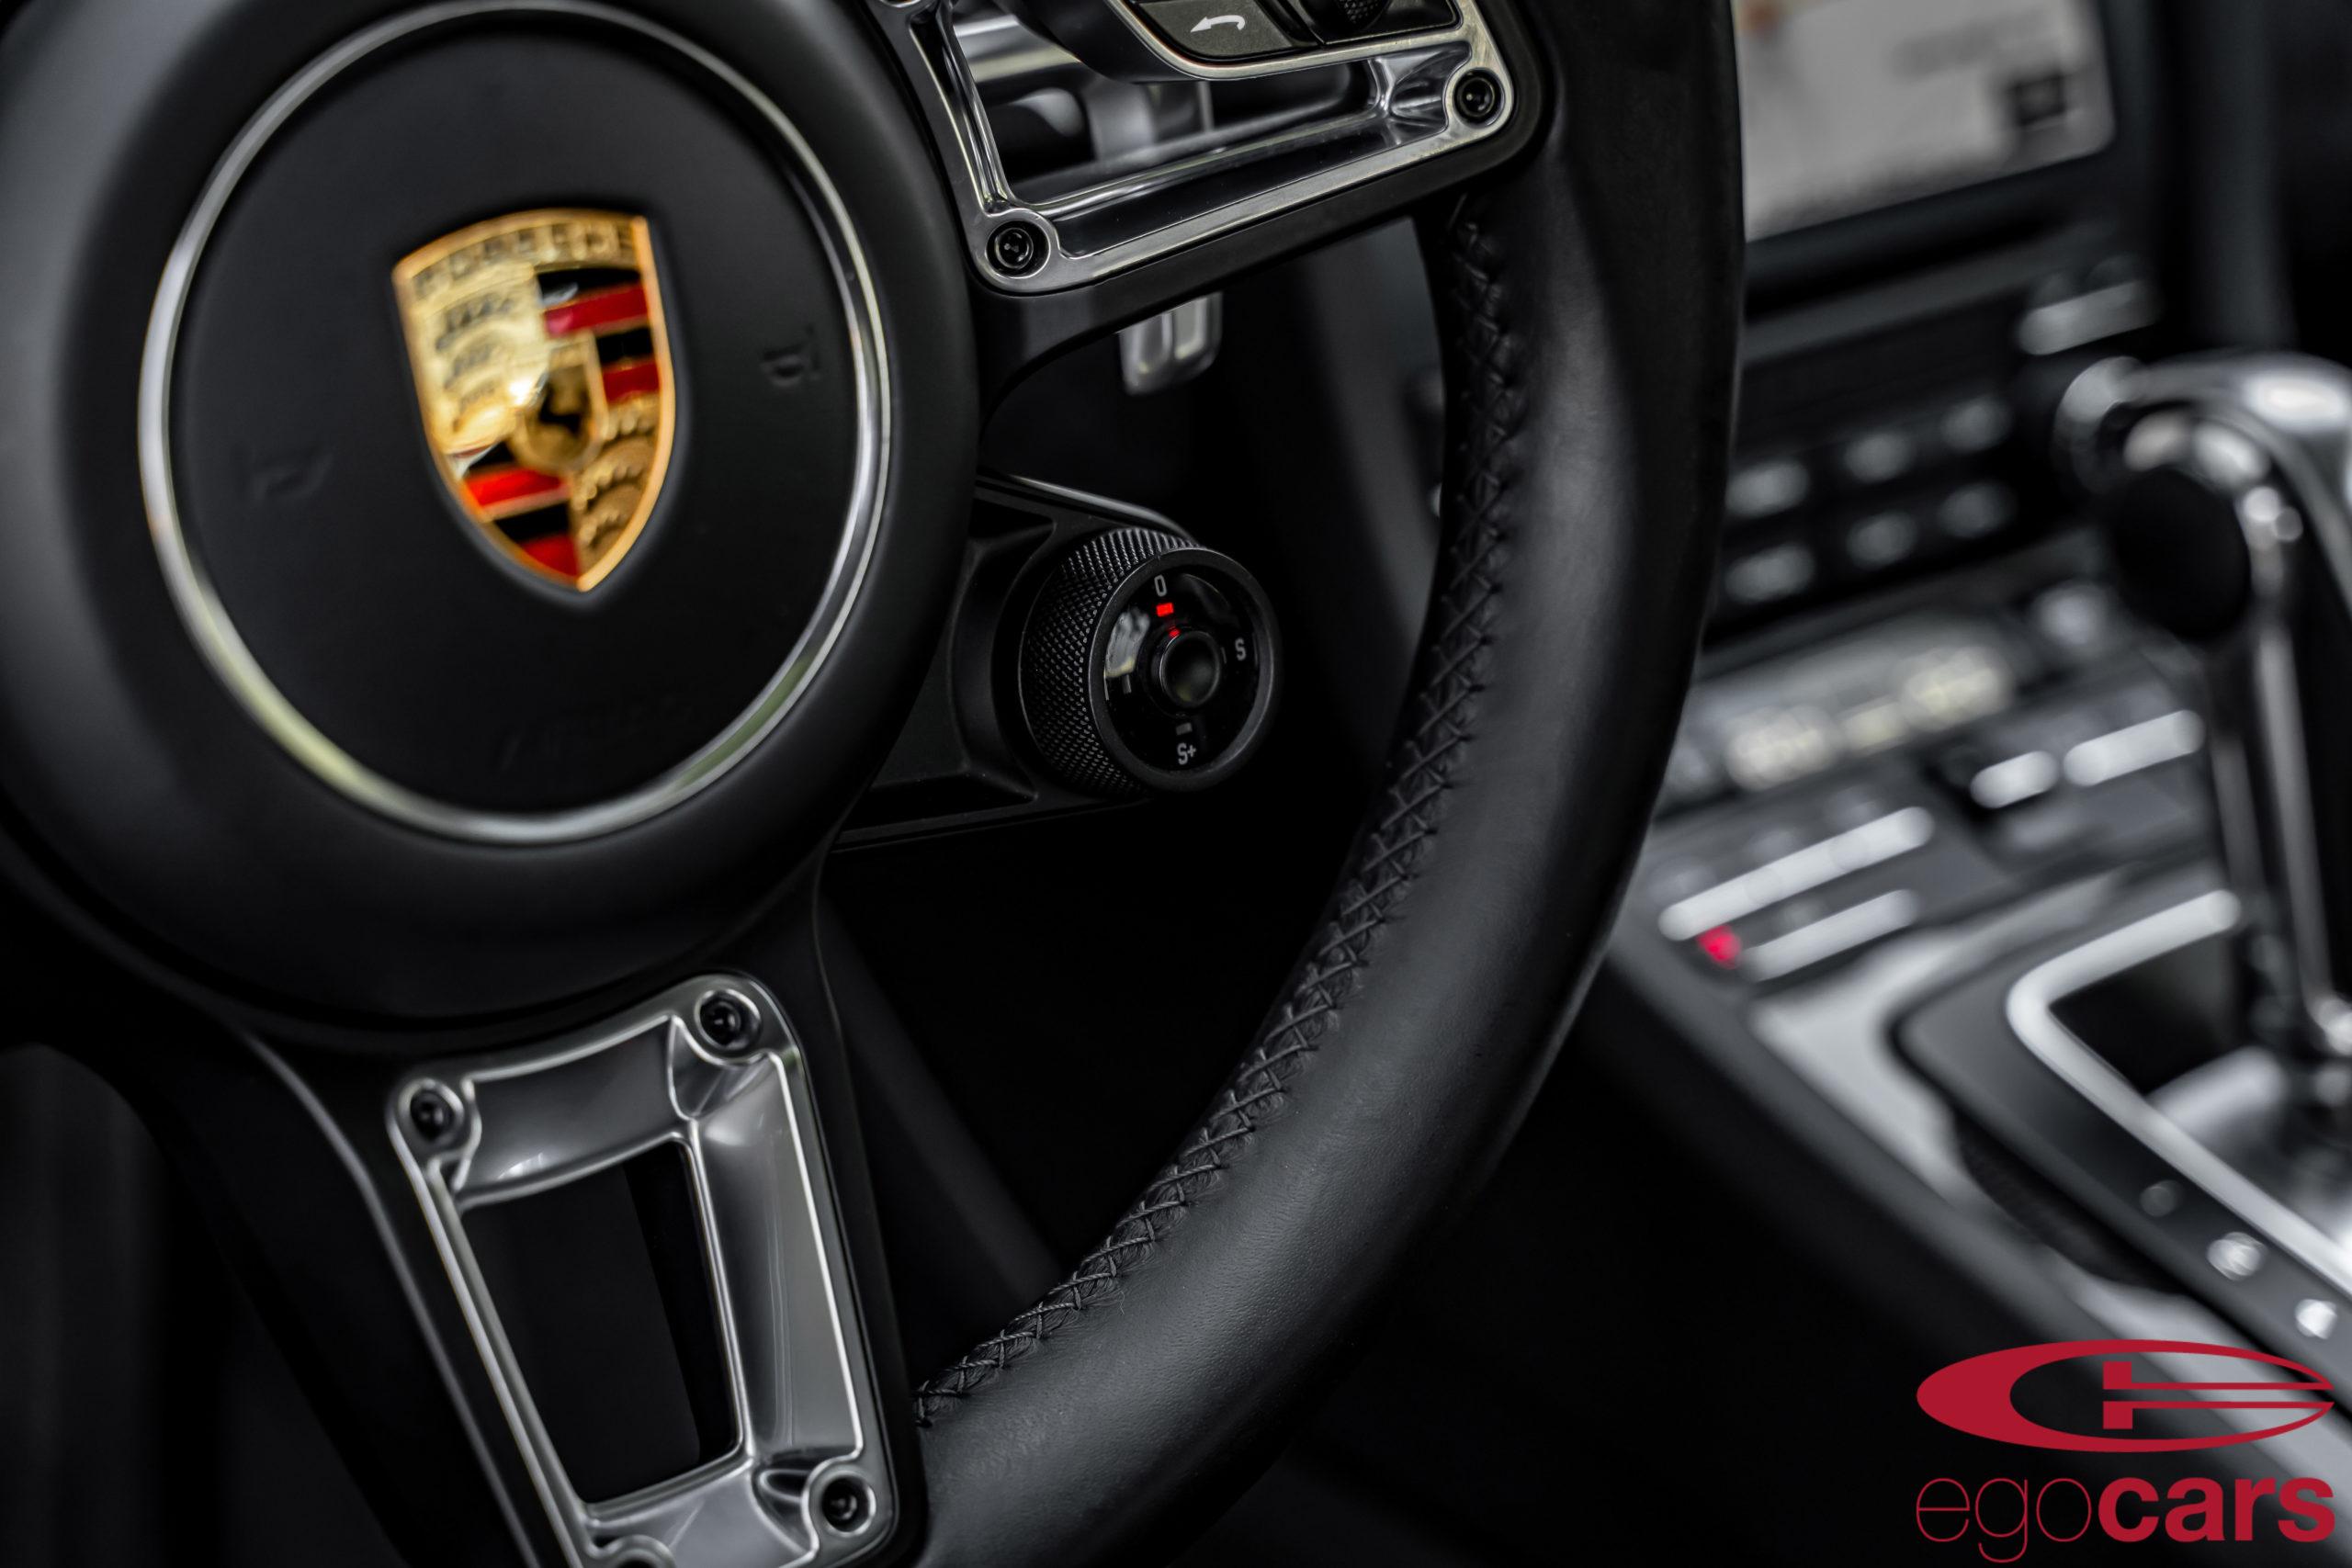 911 CARRERA 4 GTS NEGRO EGOCARS_23